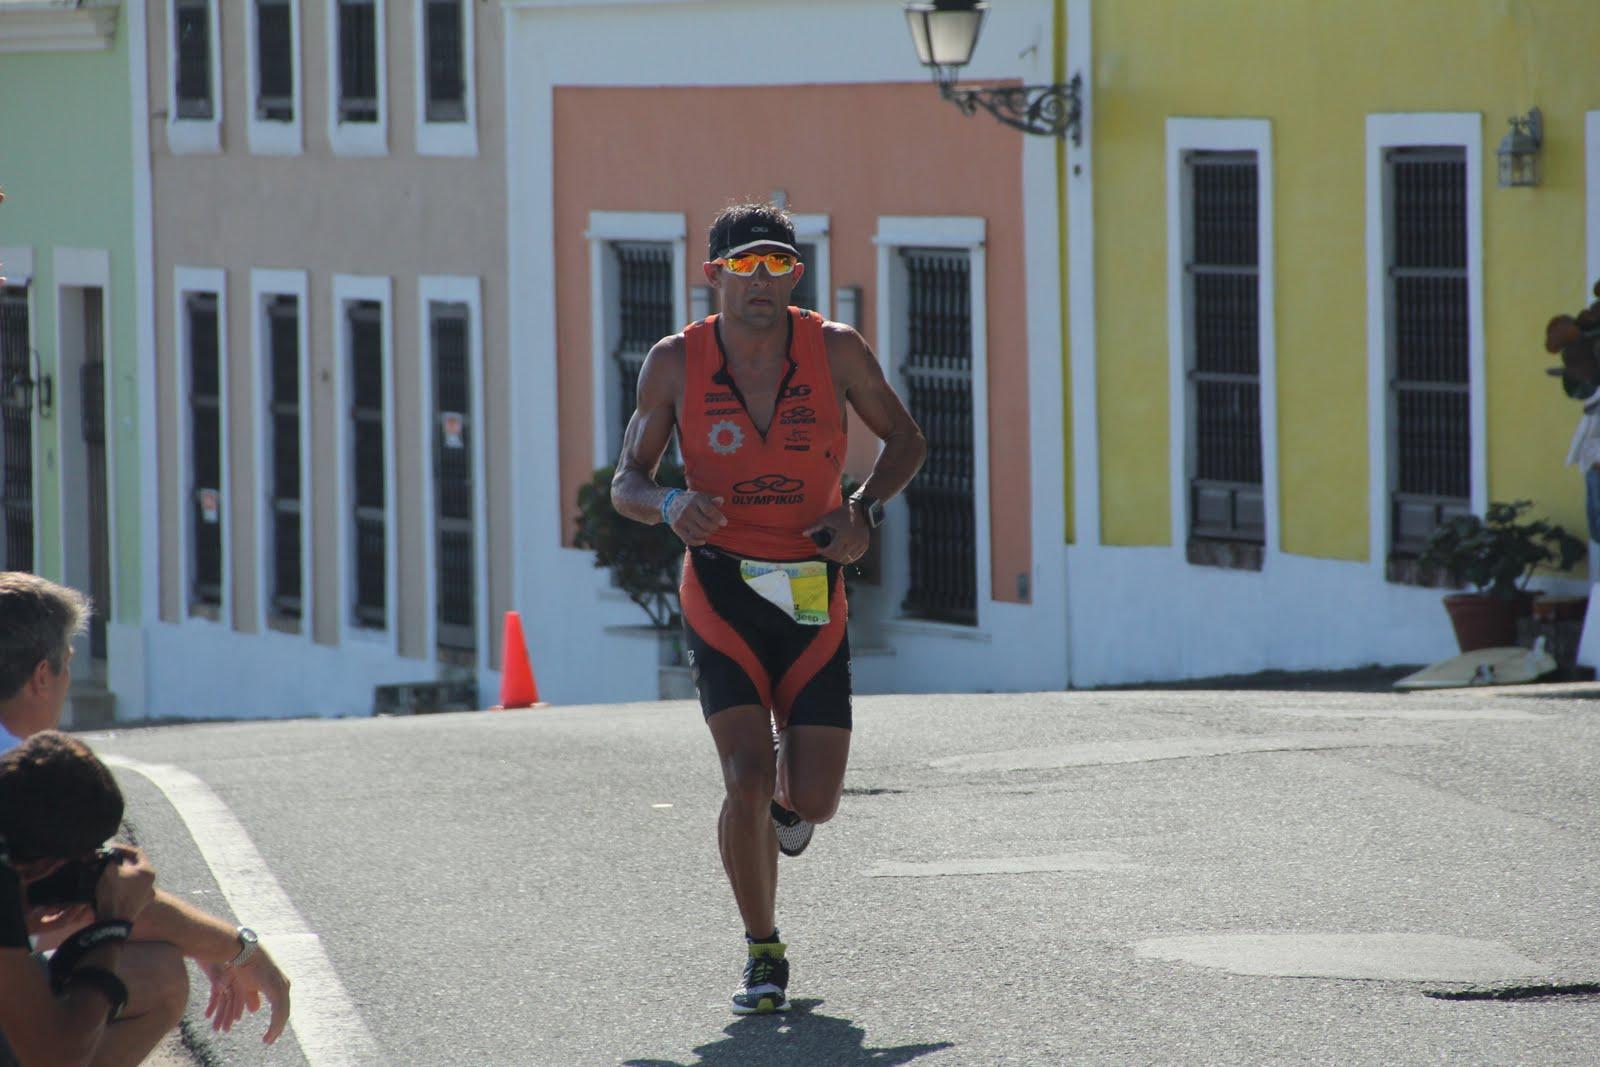 873da5eea ... ser una competencia inagural preocupaba a varios triatletas